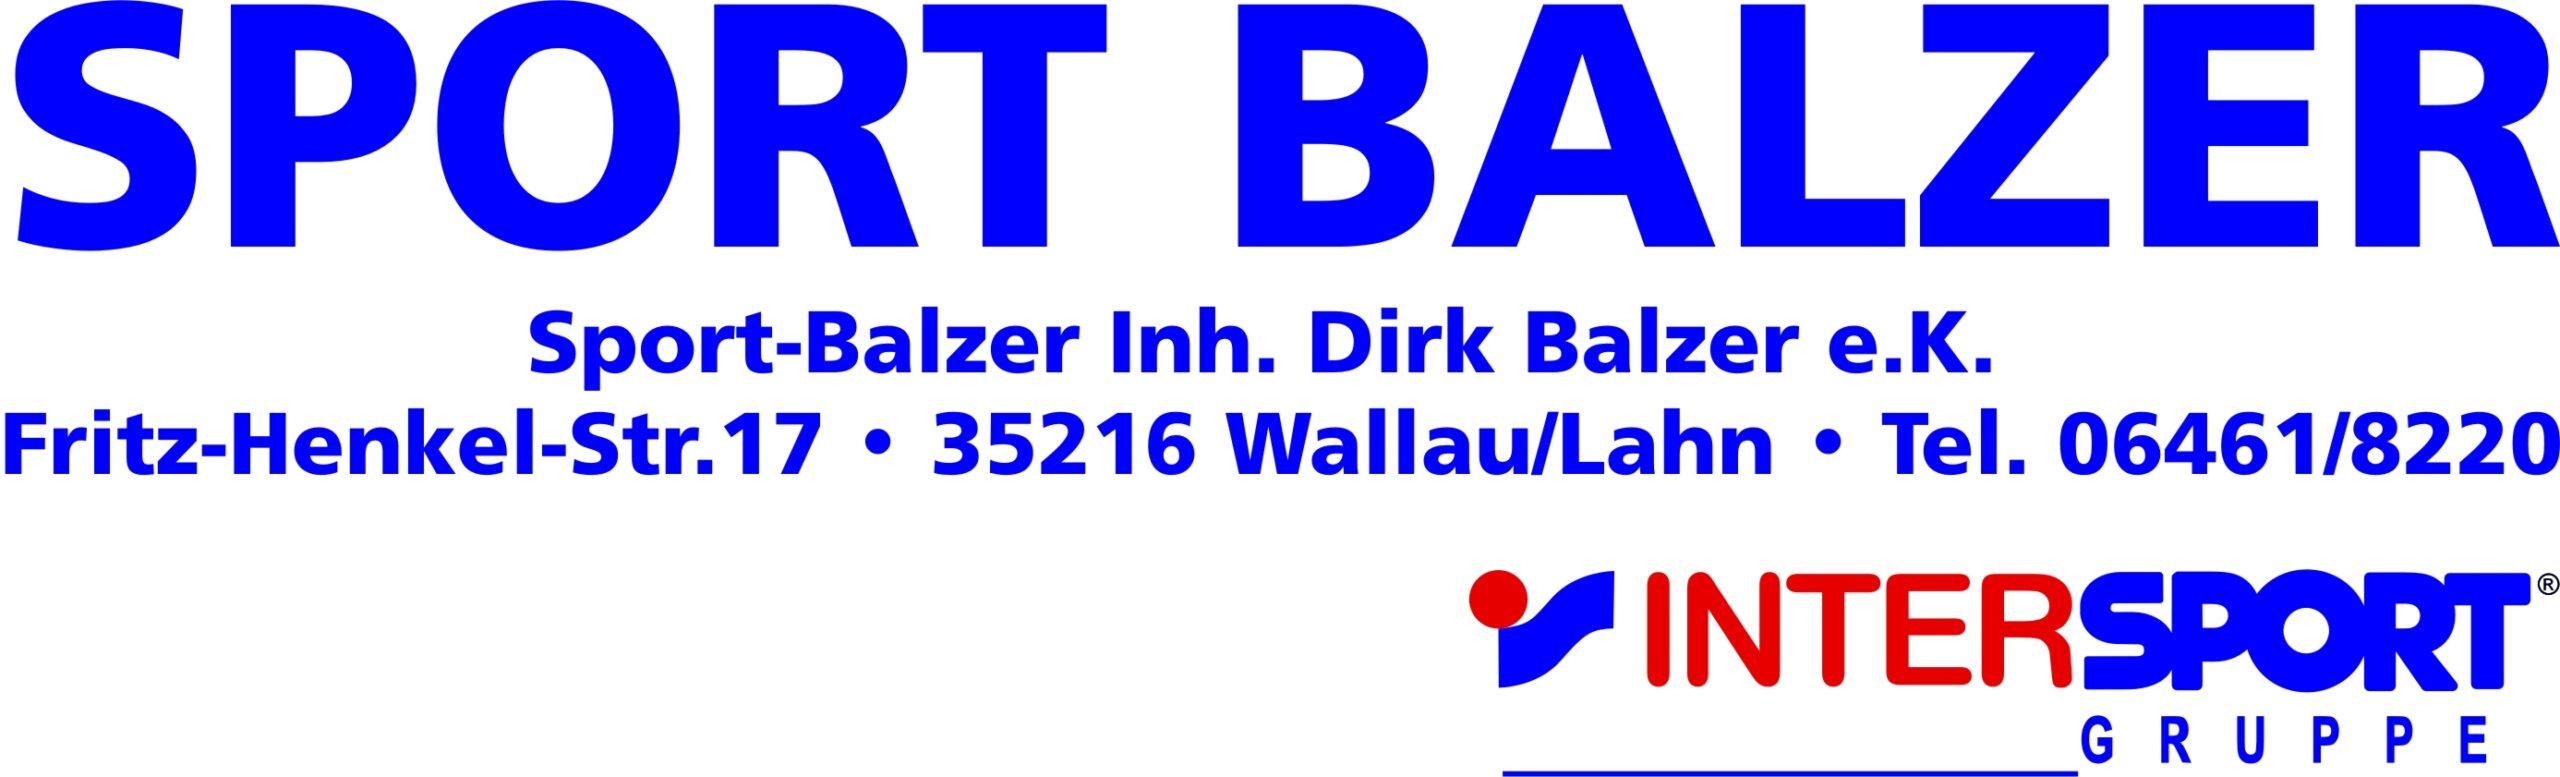 2020-06-28_5ef891962aef6_Balzer-IS-2012